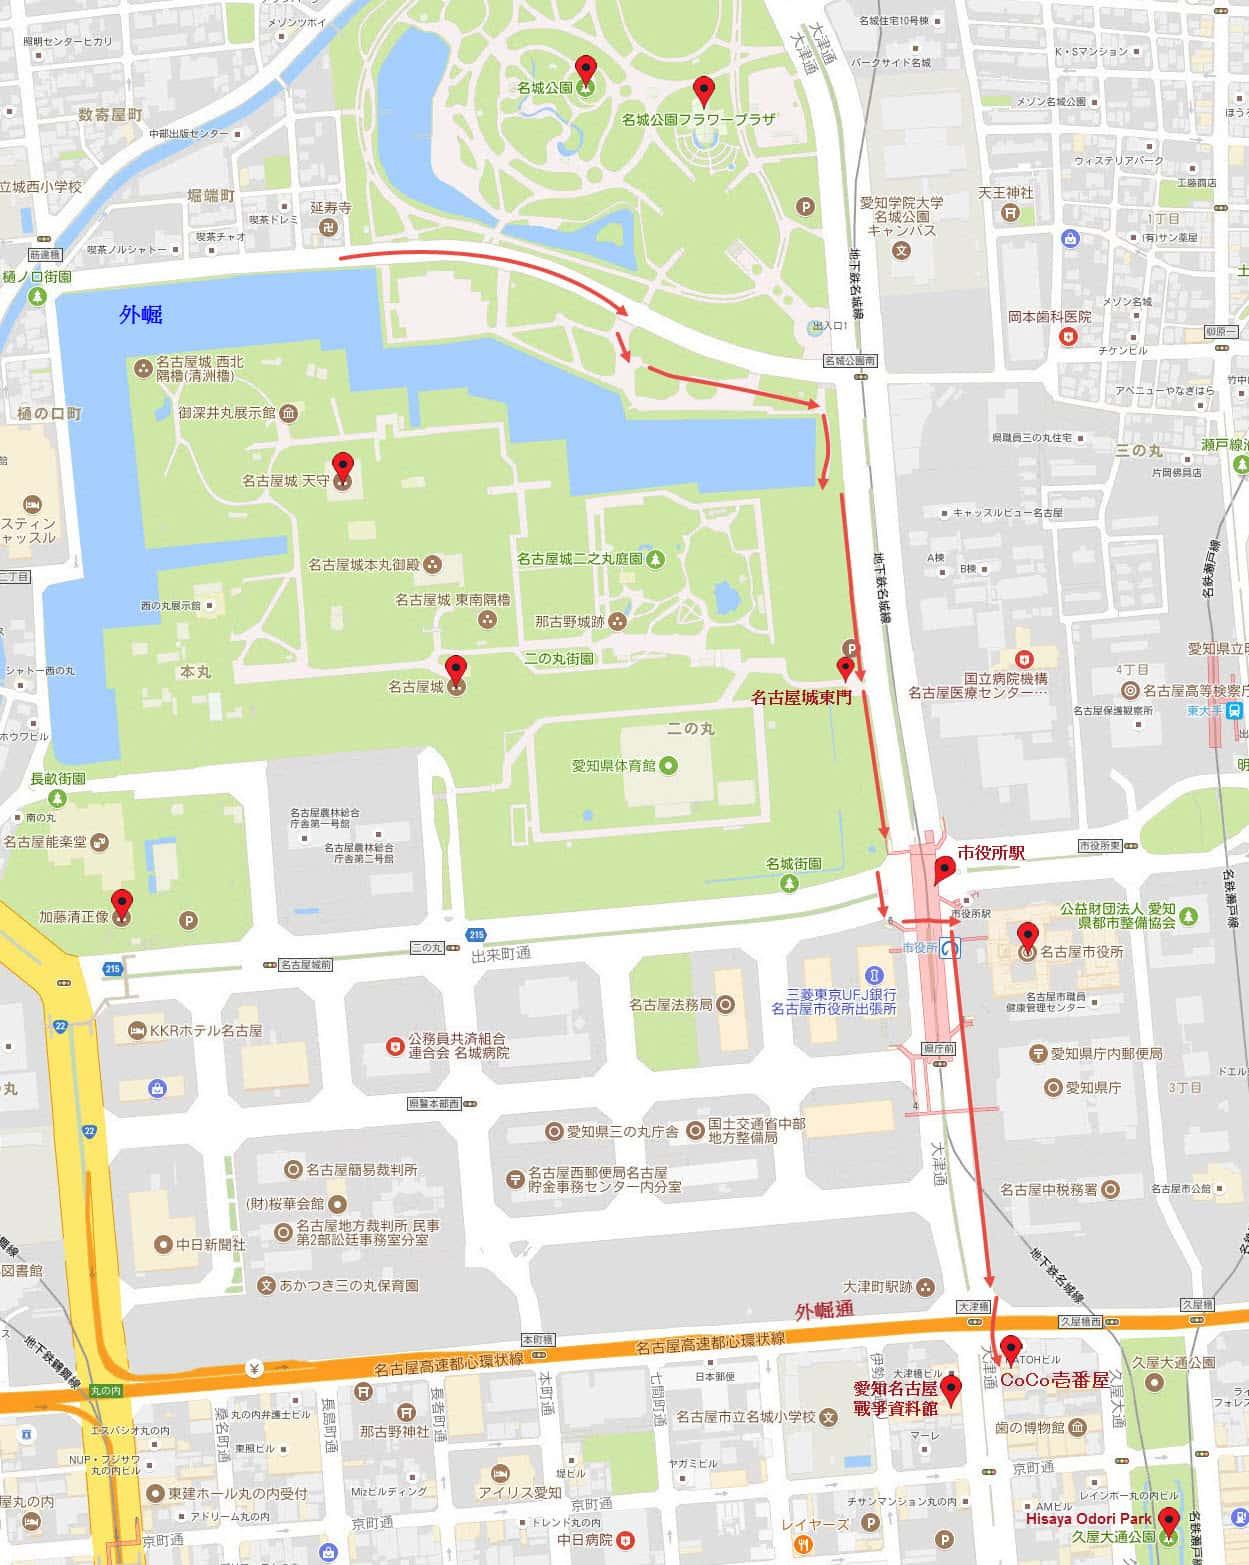 名古屋名城公園步行往久屋大通公園地圖